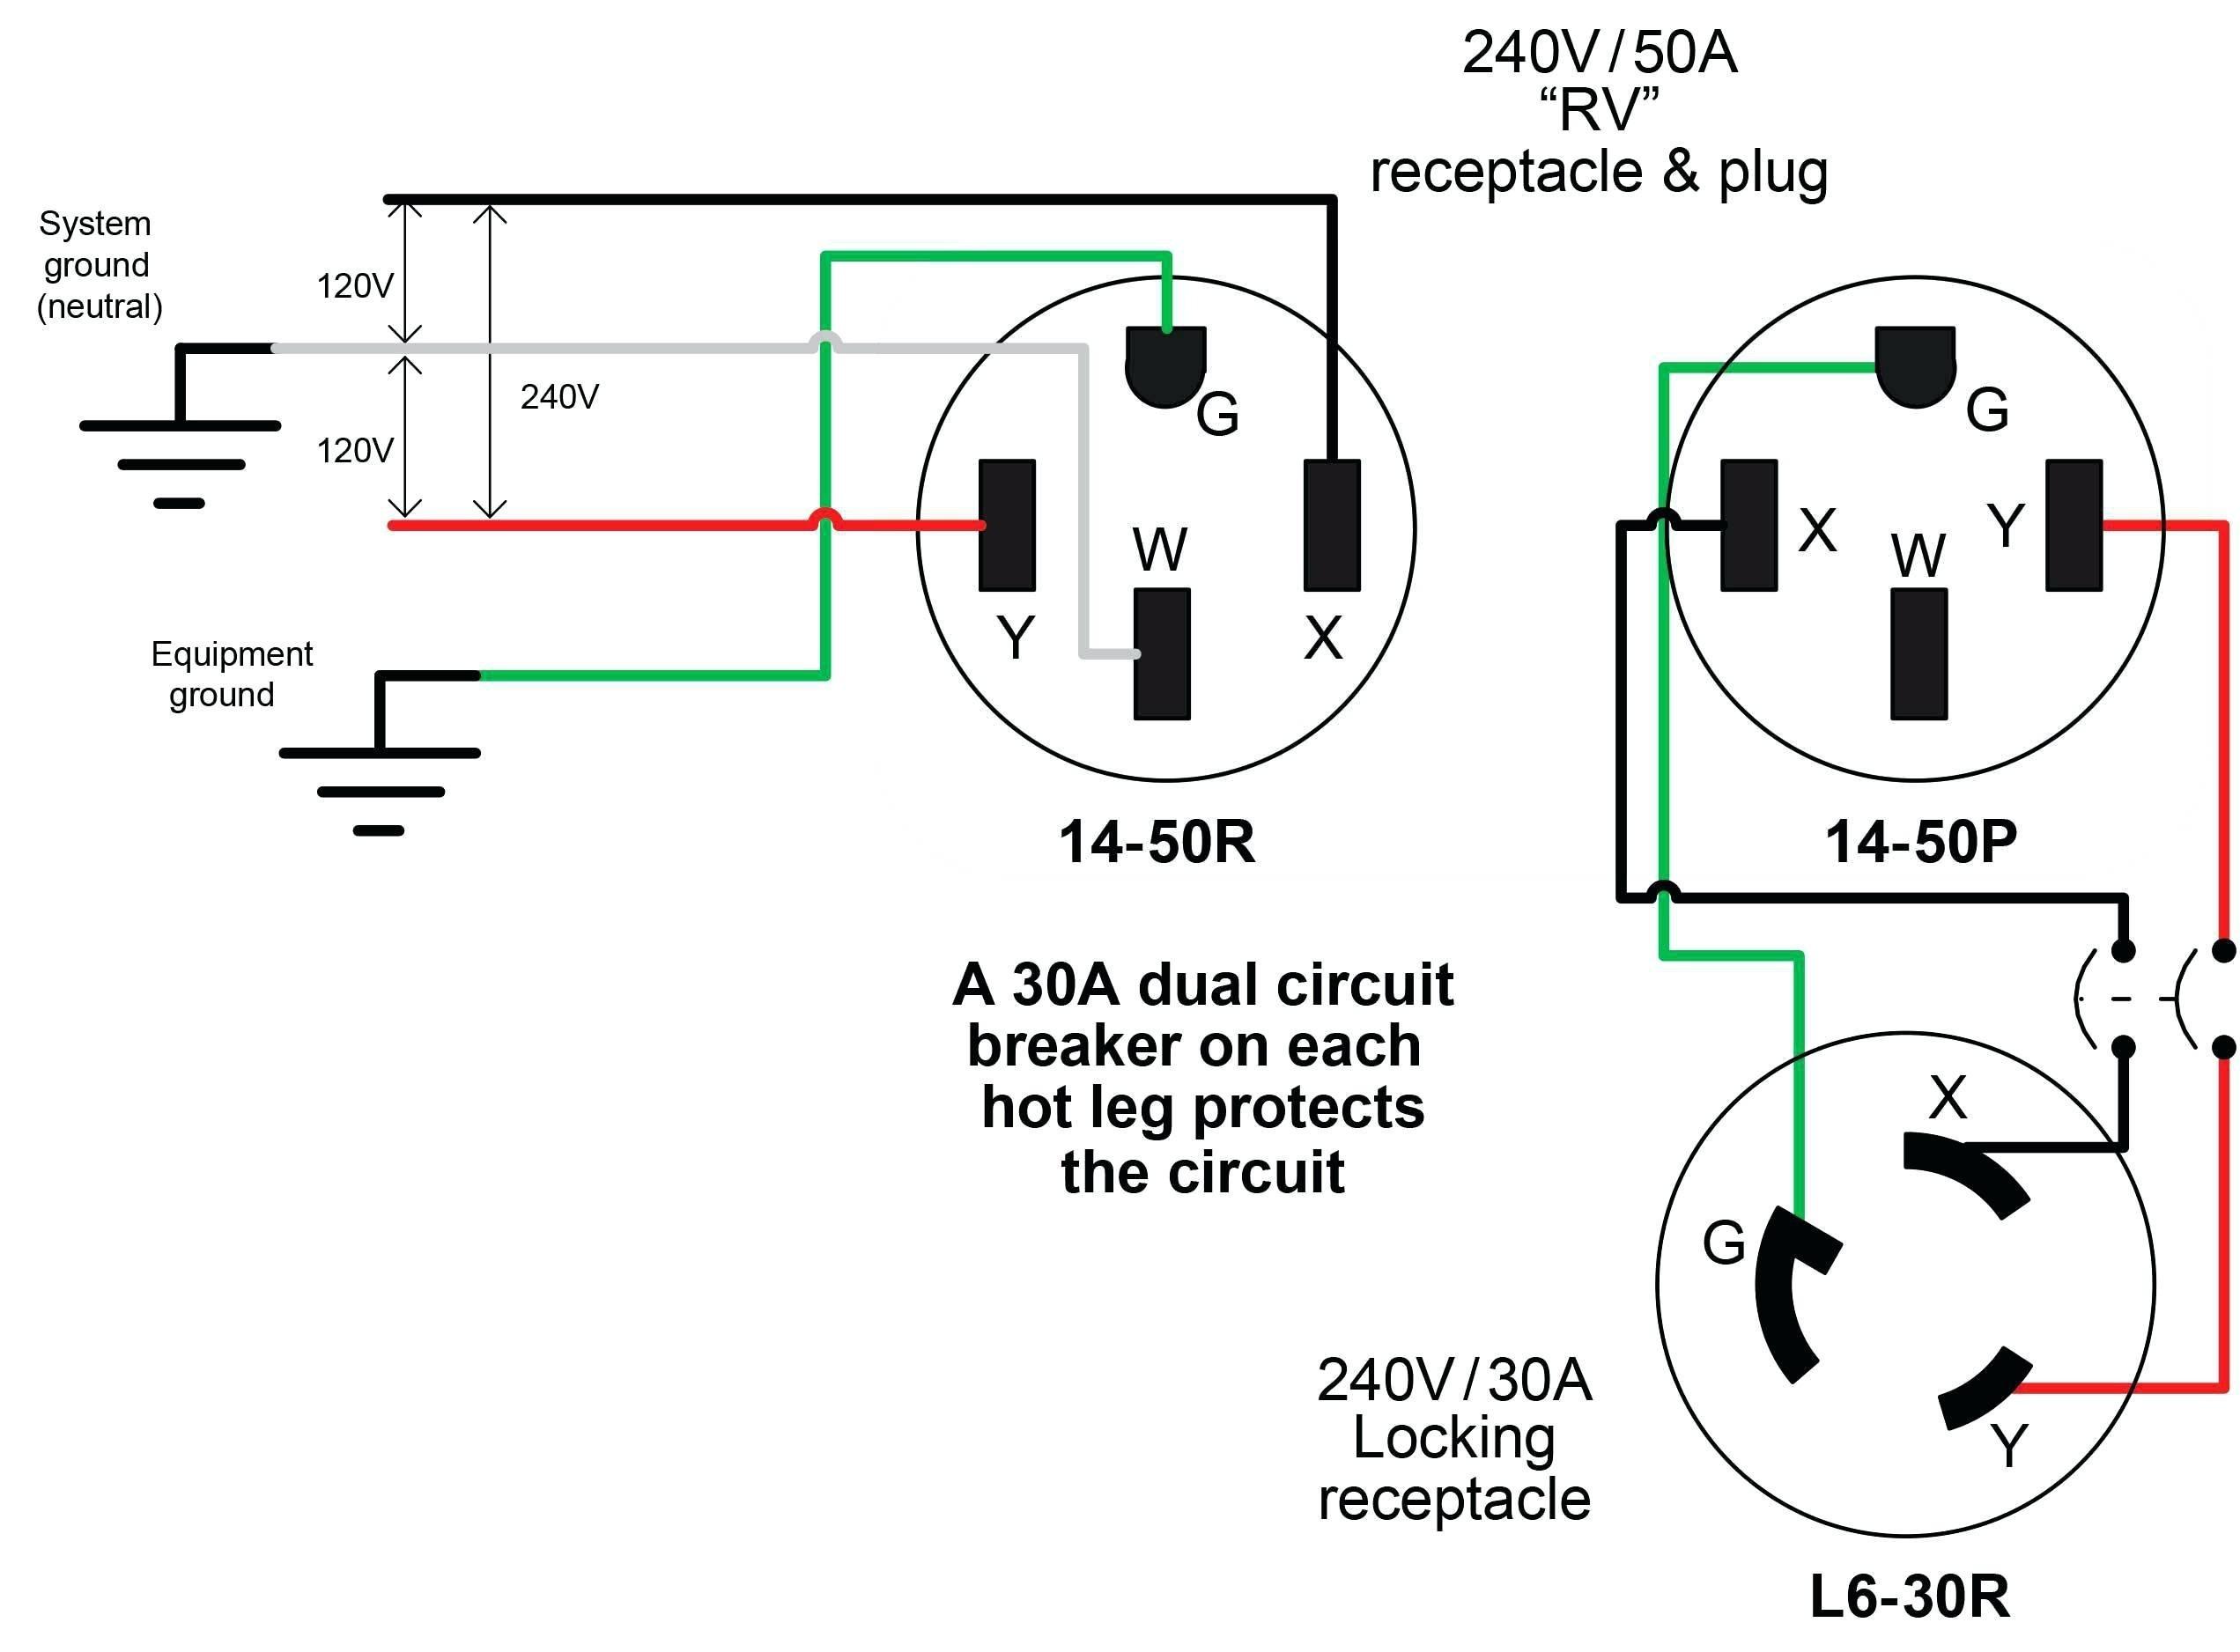 30 Amp Twist Lock Plug Wiring Diagram Fresh Duplex Twist Lock Receptacle • Electrical Outlet Symbol 2018 Of 30 Amp Twist Lock Plug Wiring Diagram